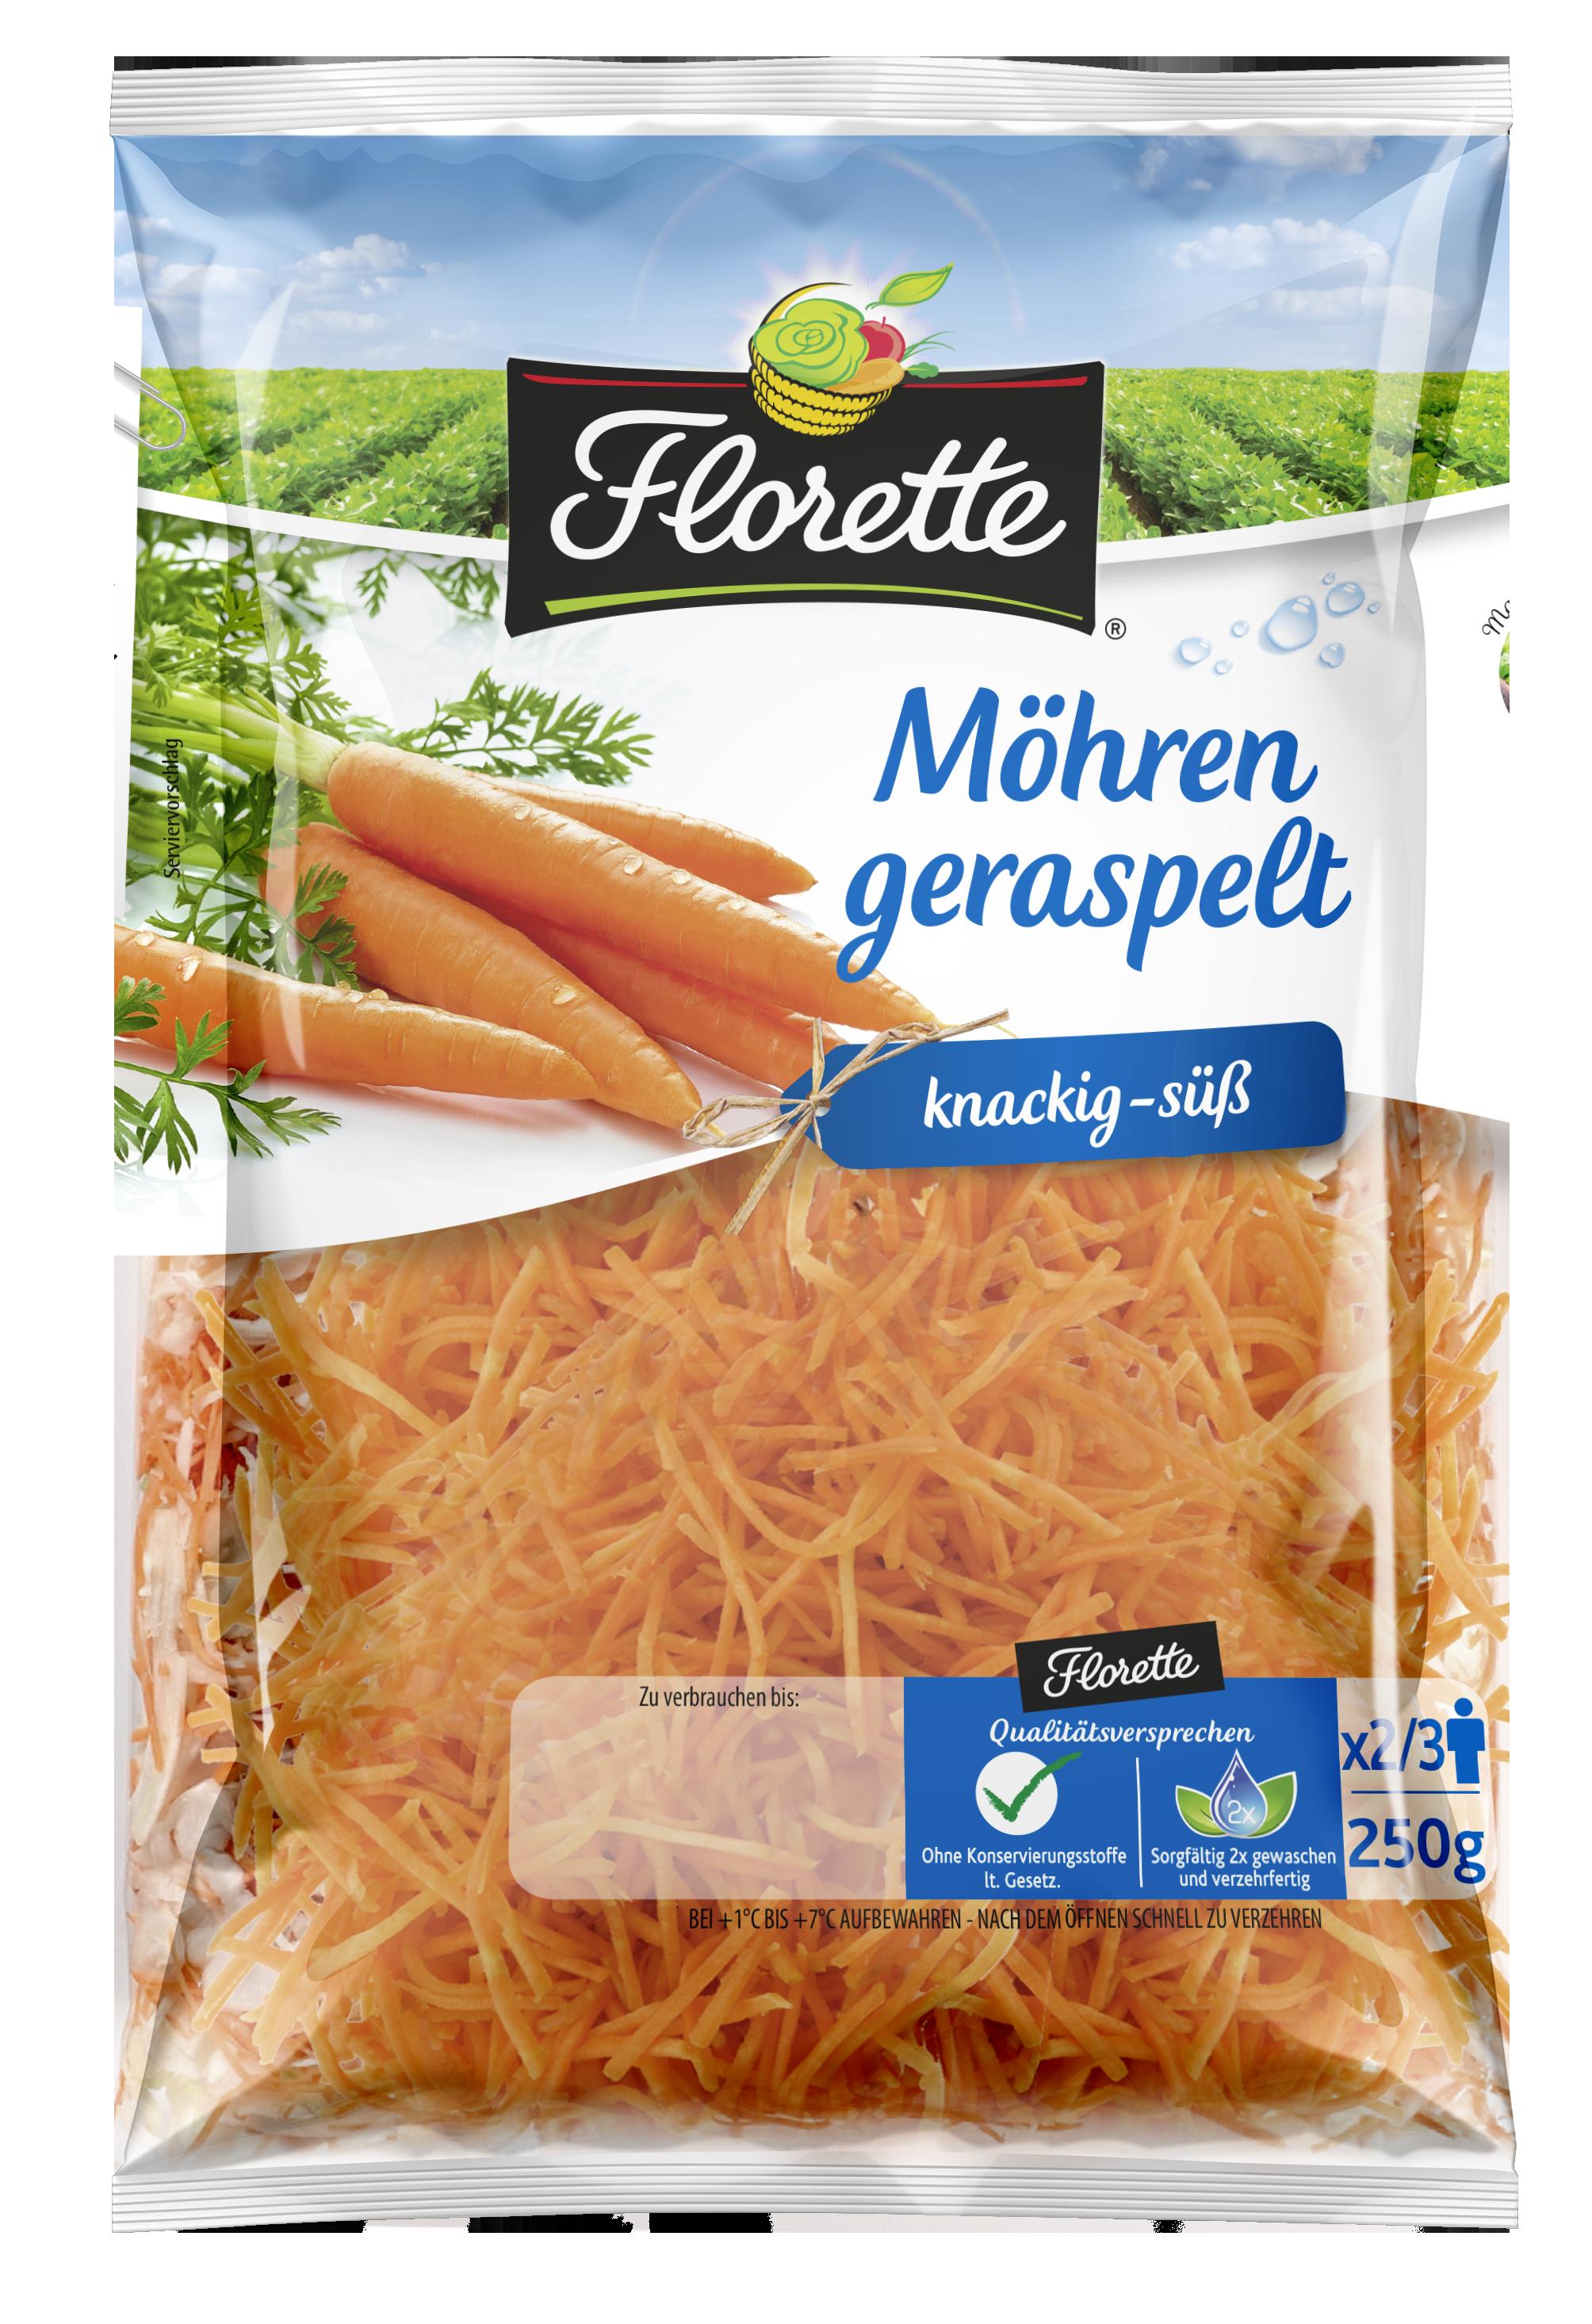 Produktfoto: Geraspelte Möhren von Florette